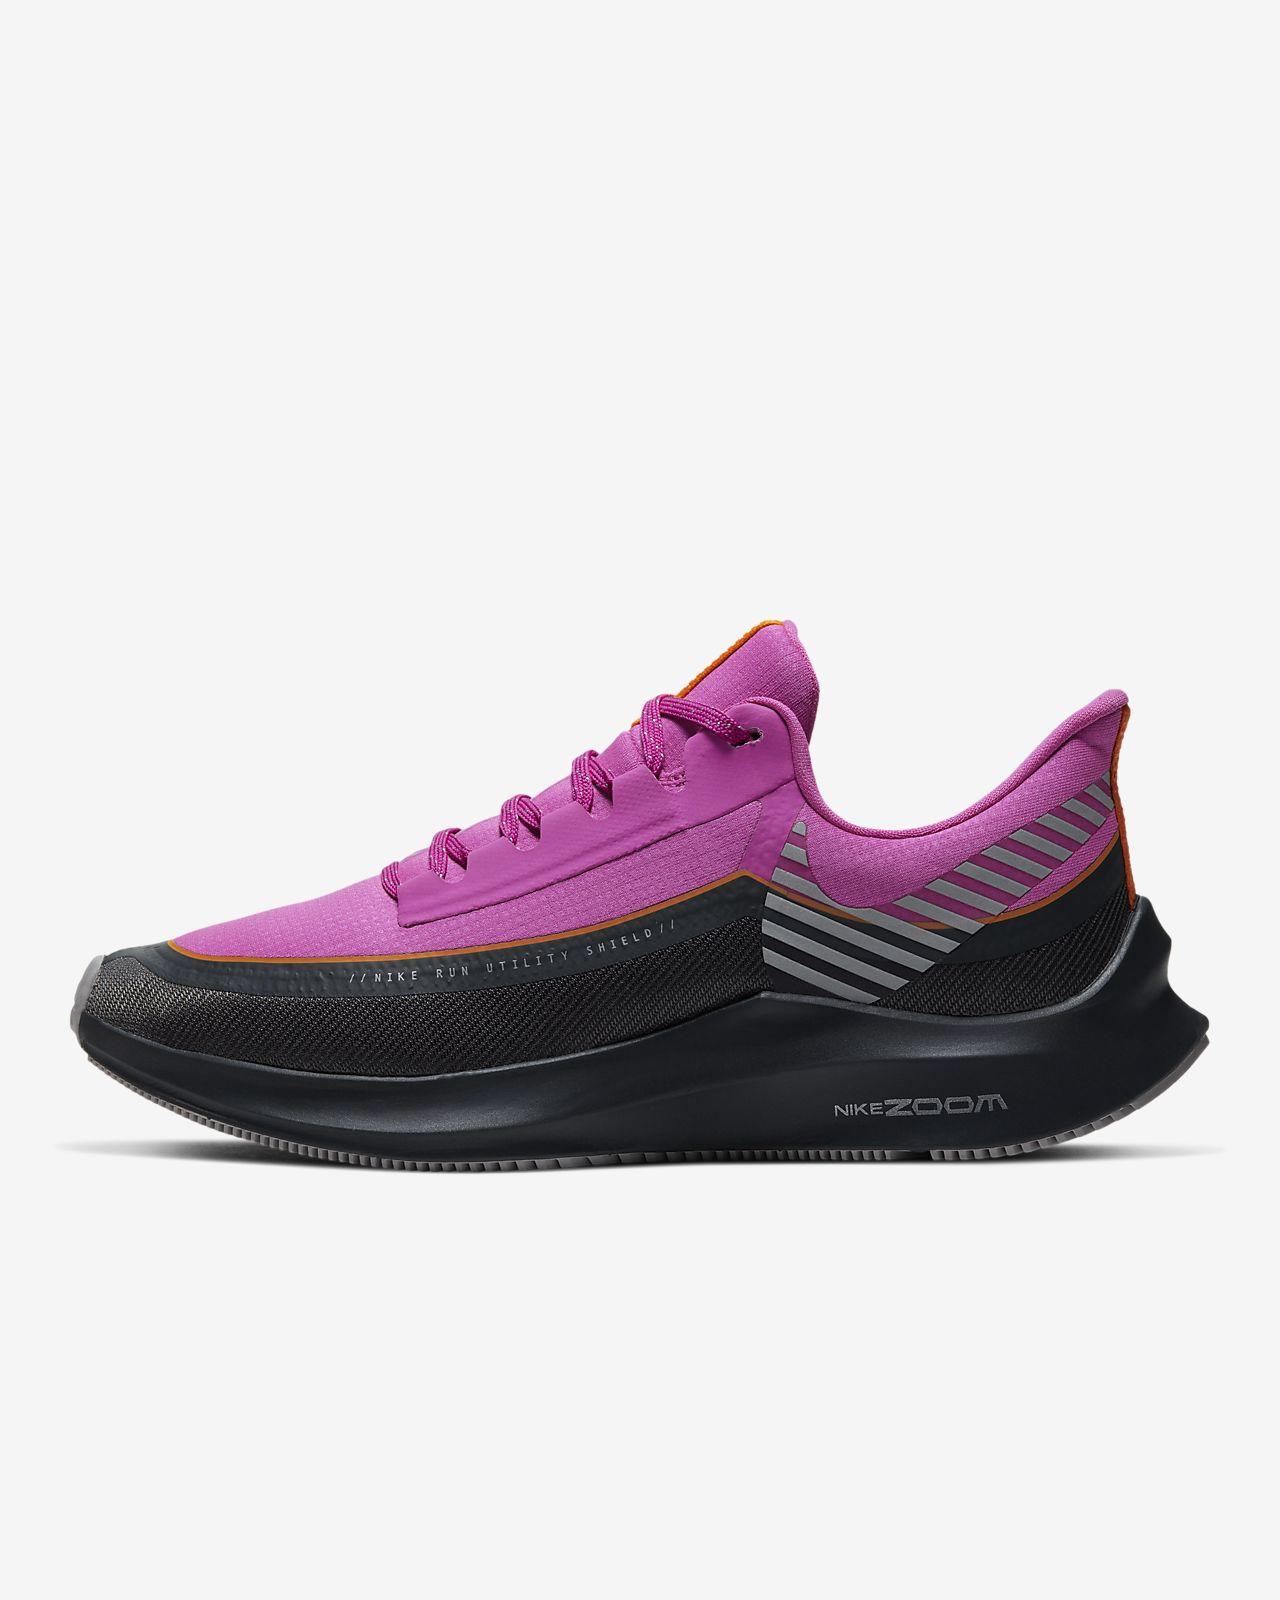 Nike Zoom Winflo 6 Shield Women's Running Shoe